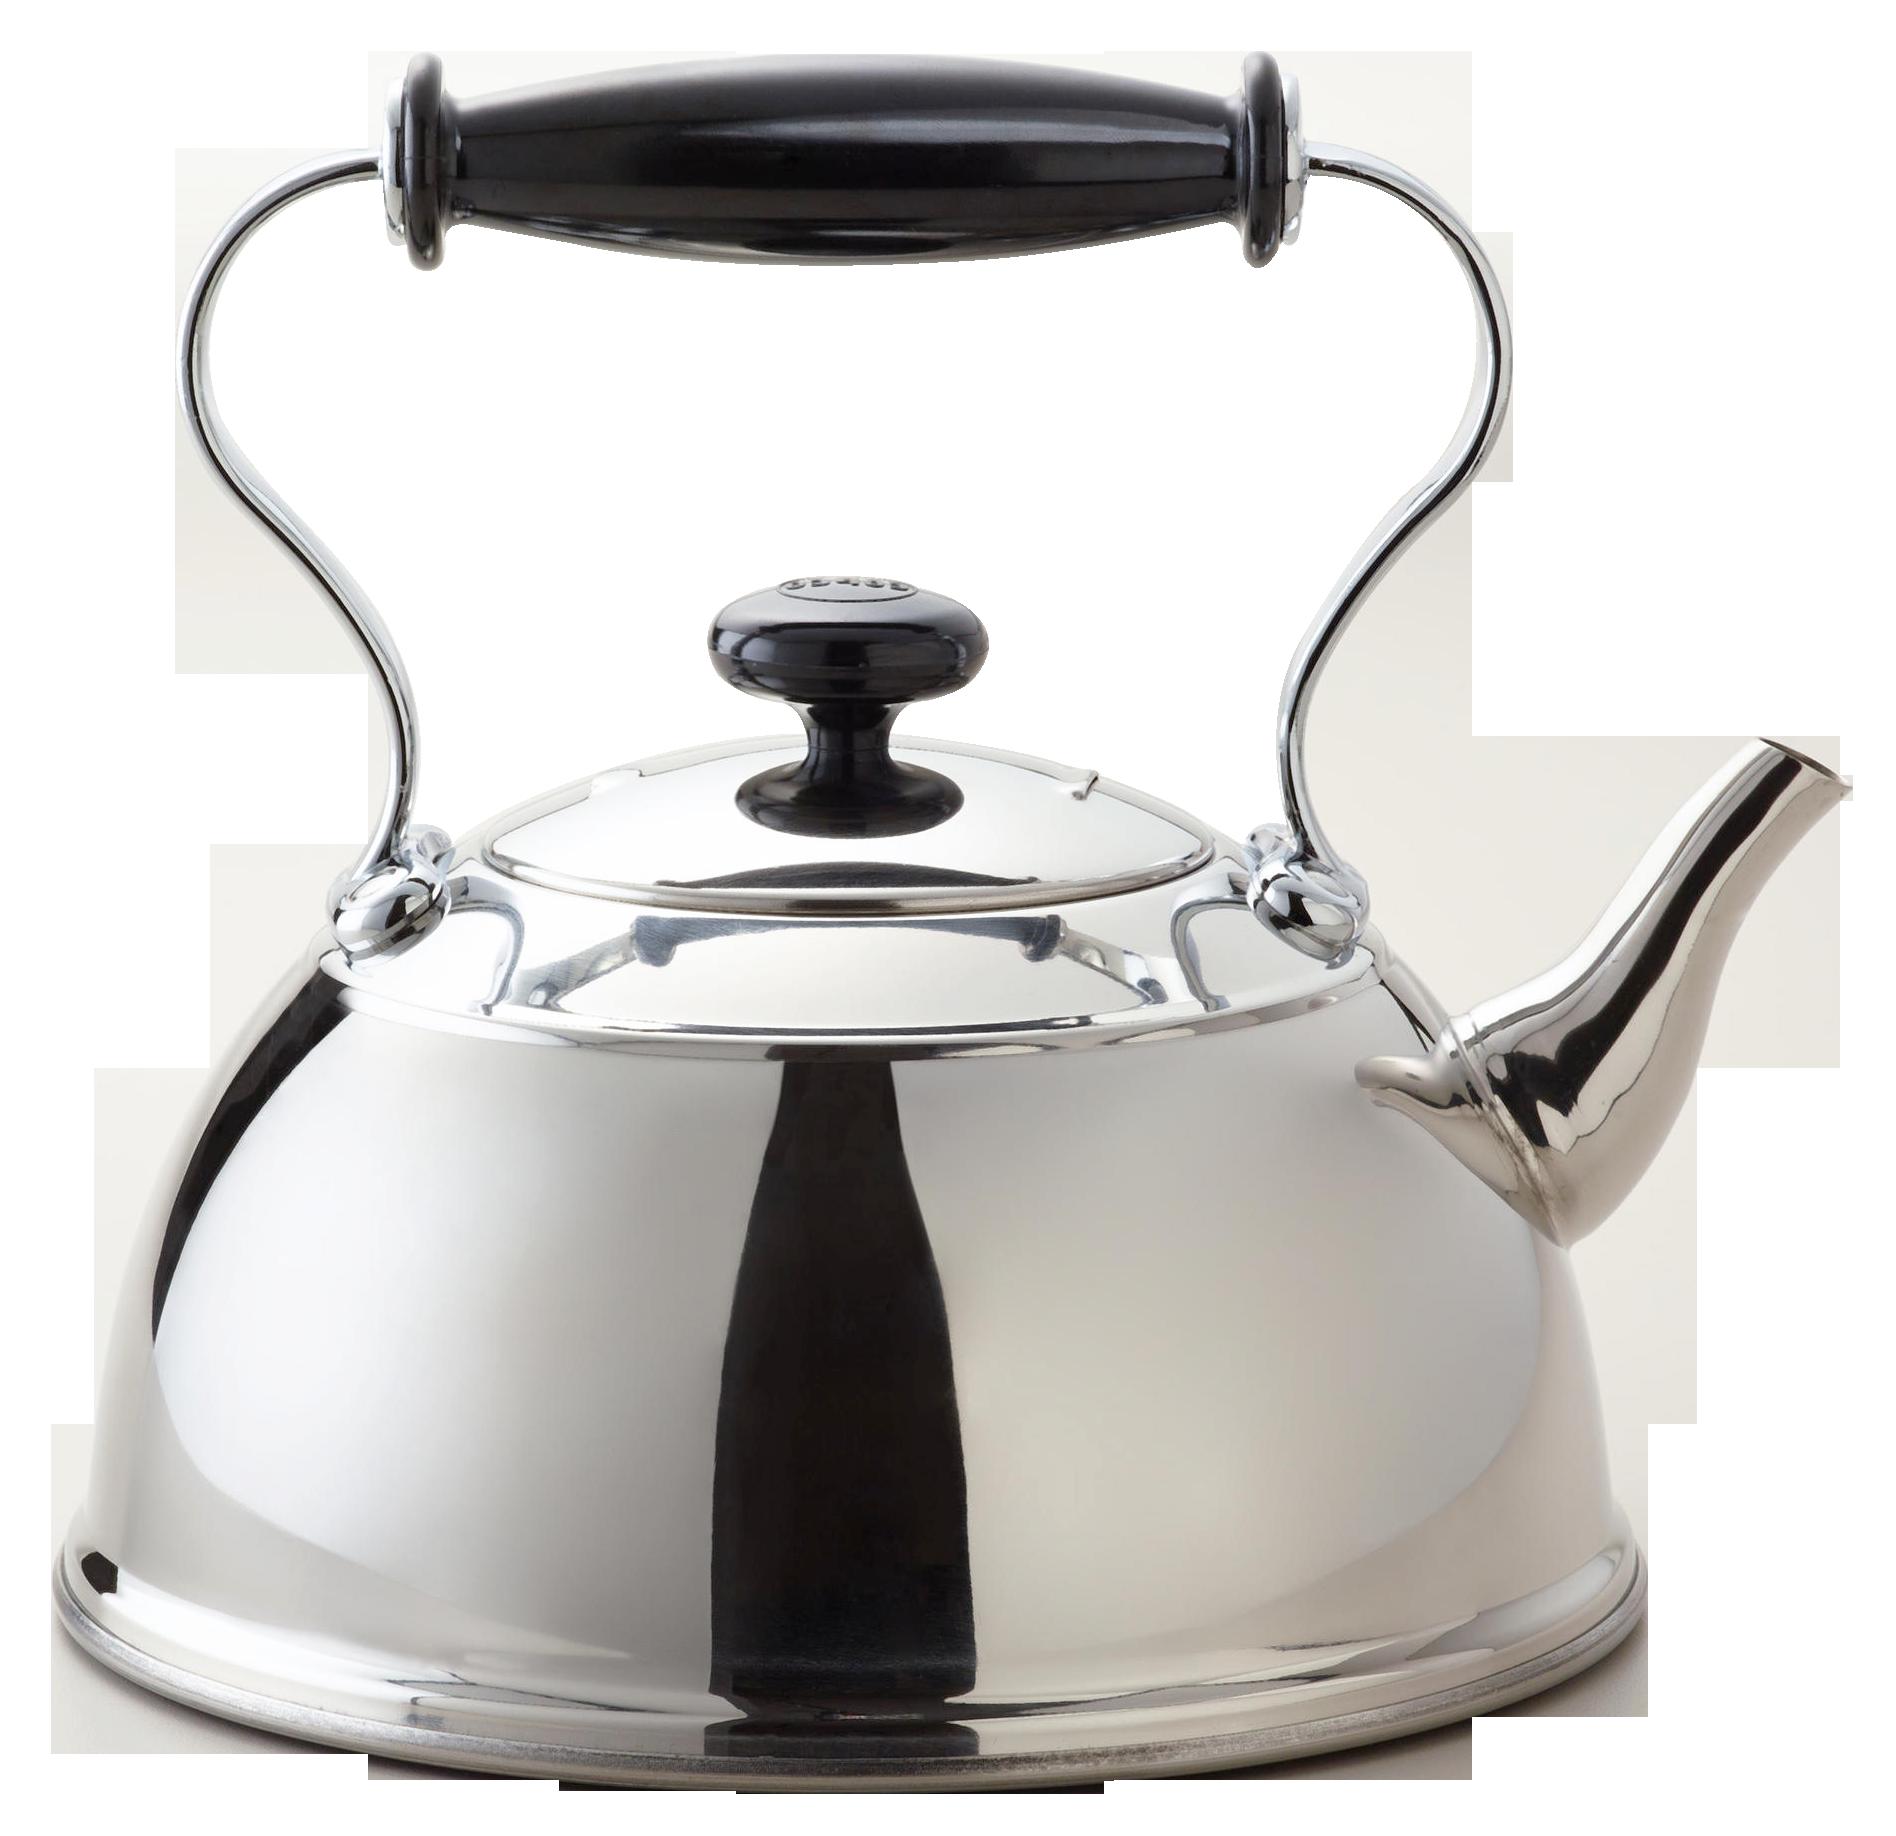 Tea Kettle PNG Image.